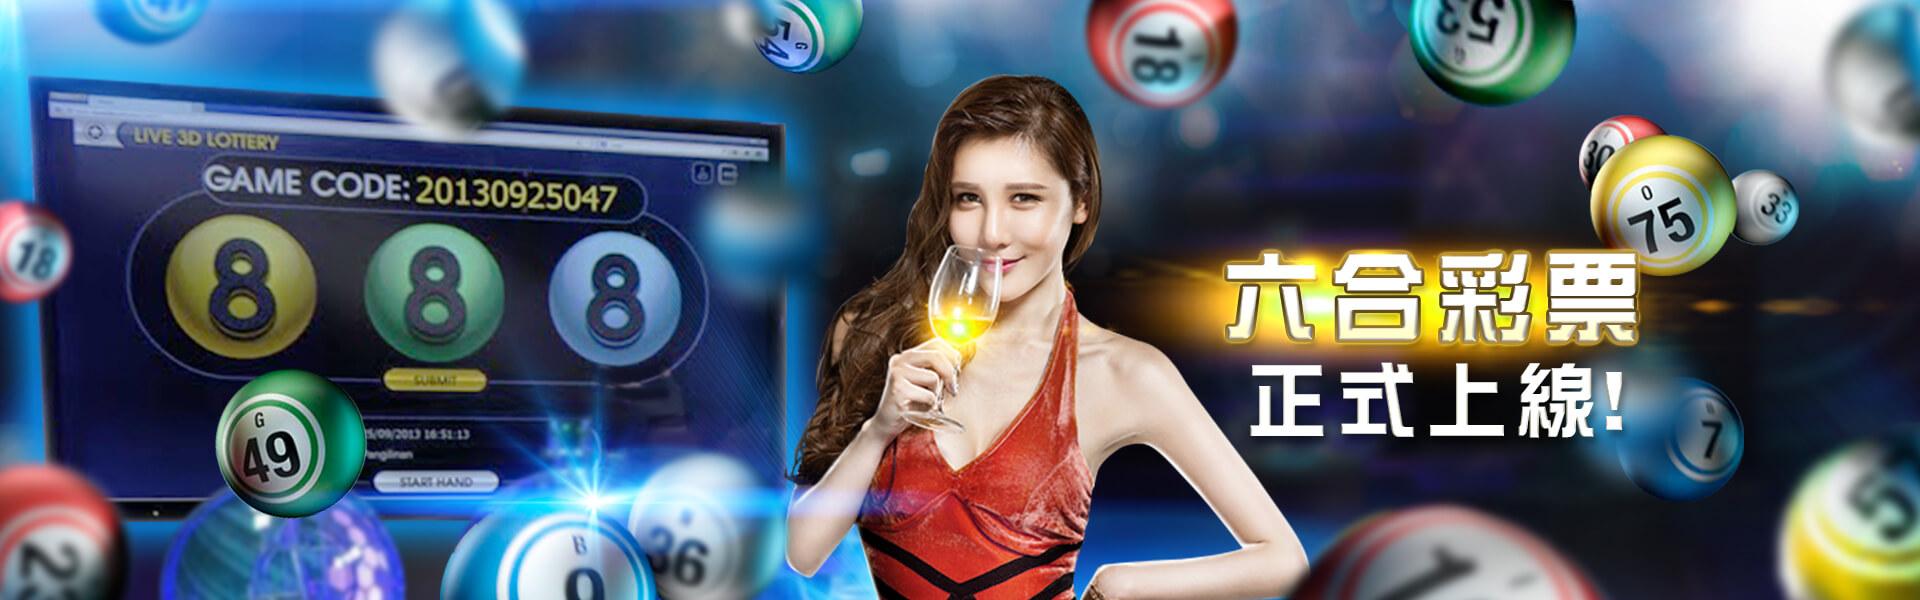 亞洲第一專業娛樂品牌九州娛樂城電腦版